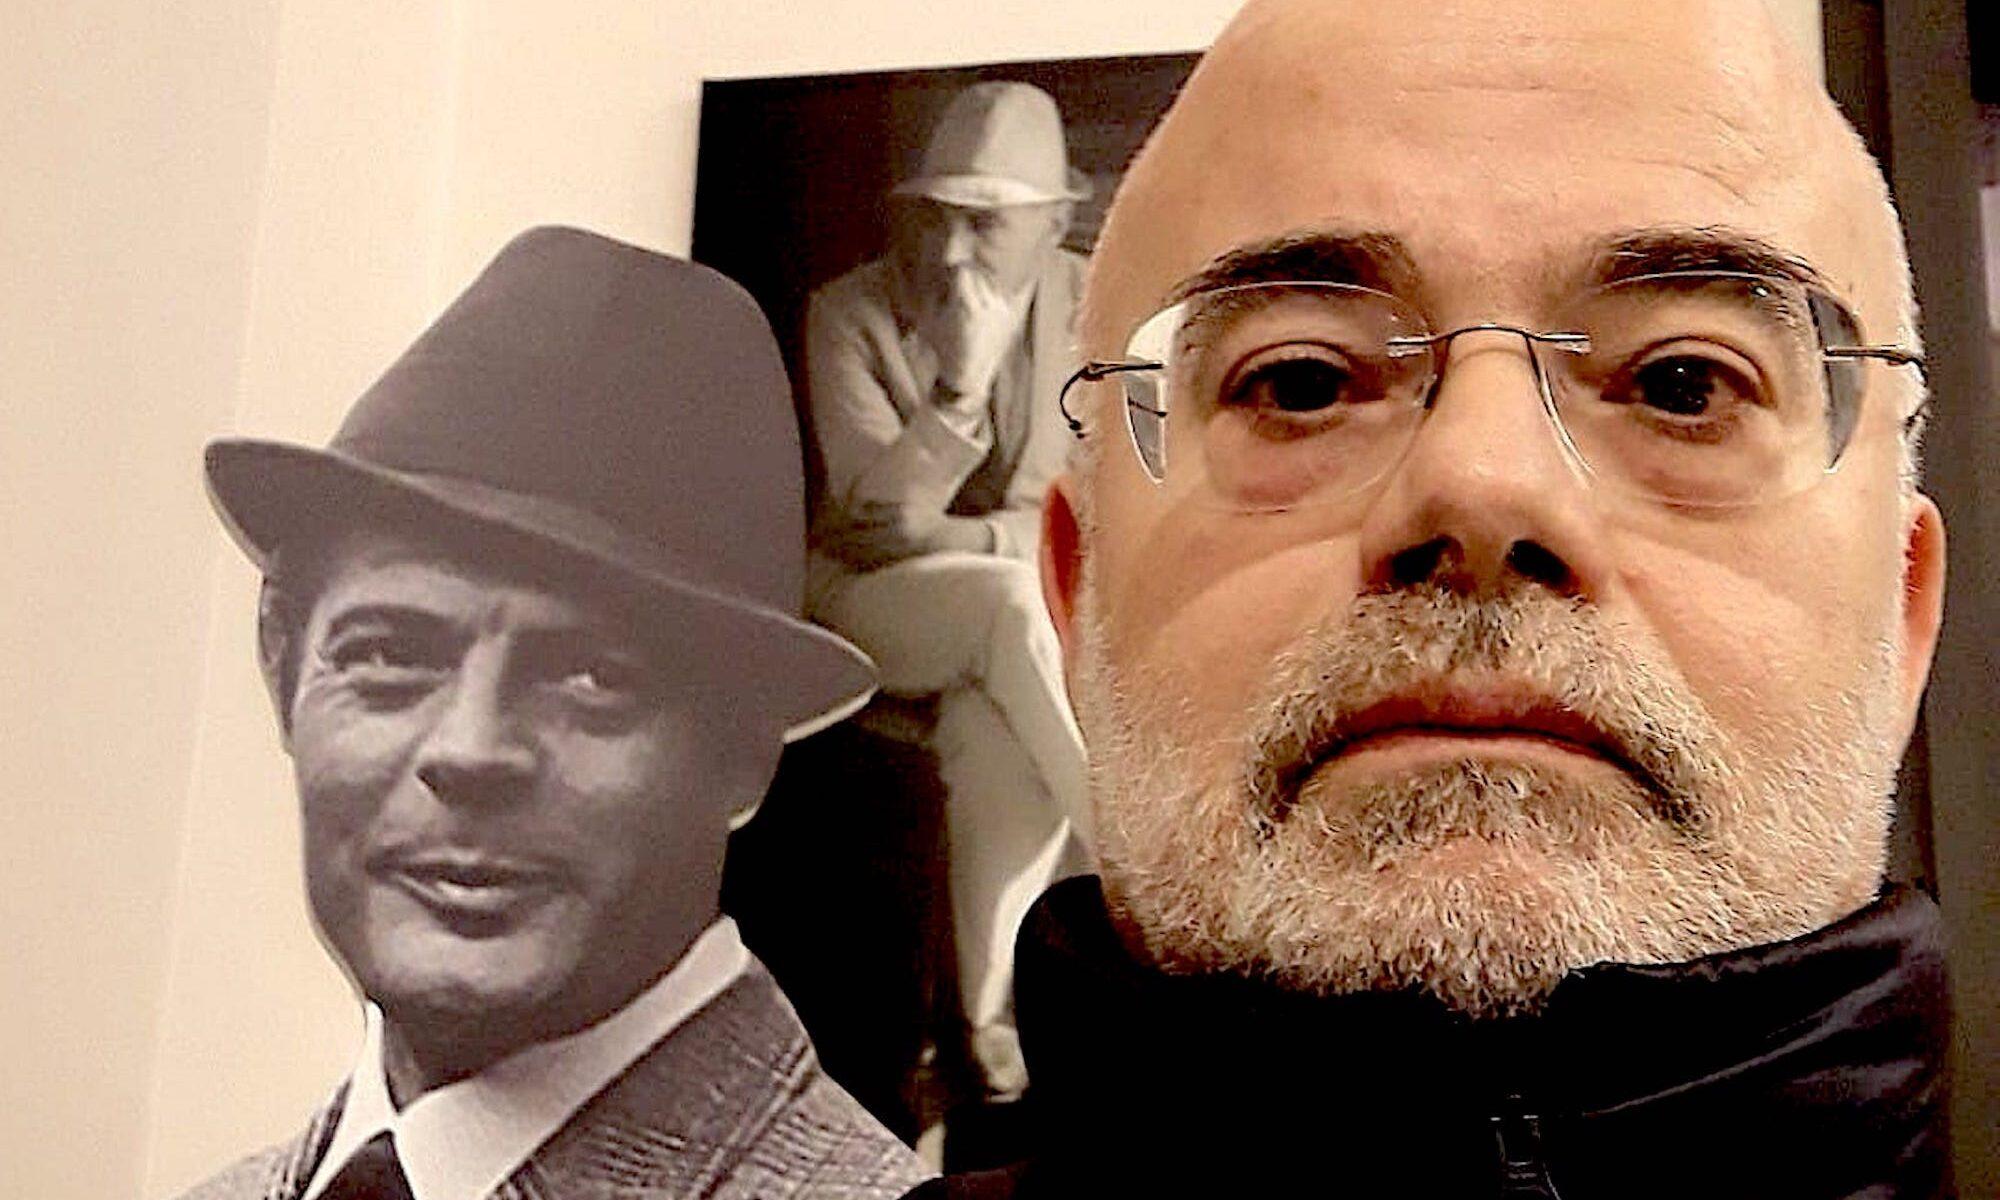 Alessandro Trigona